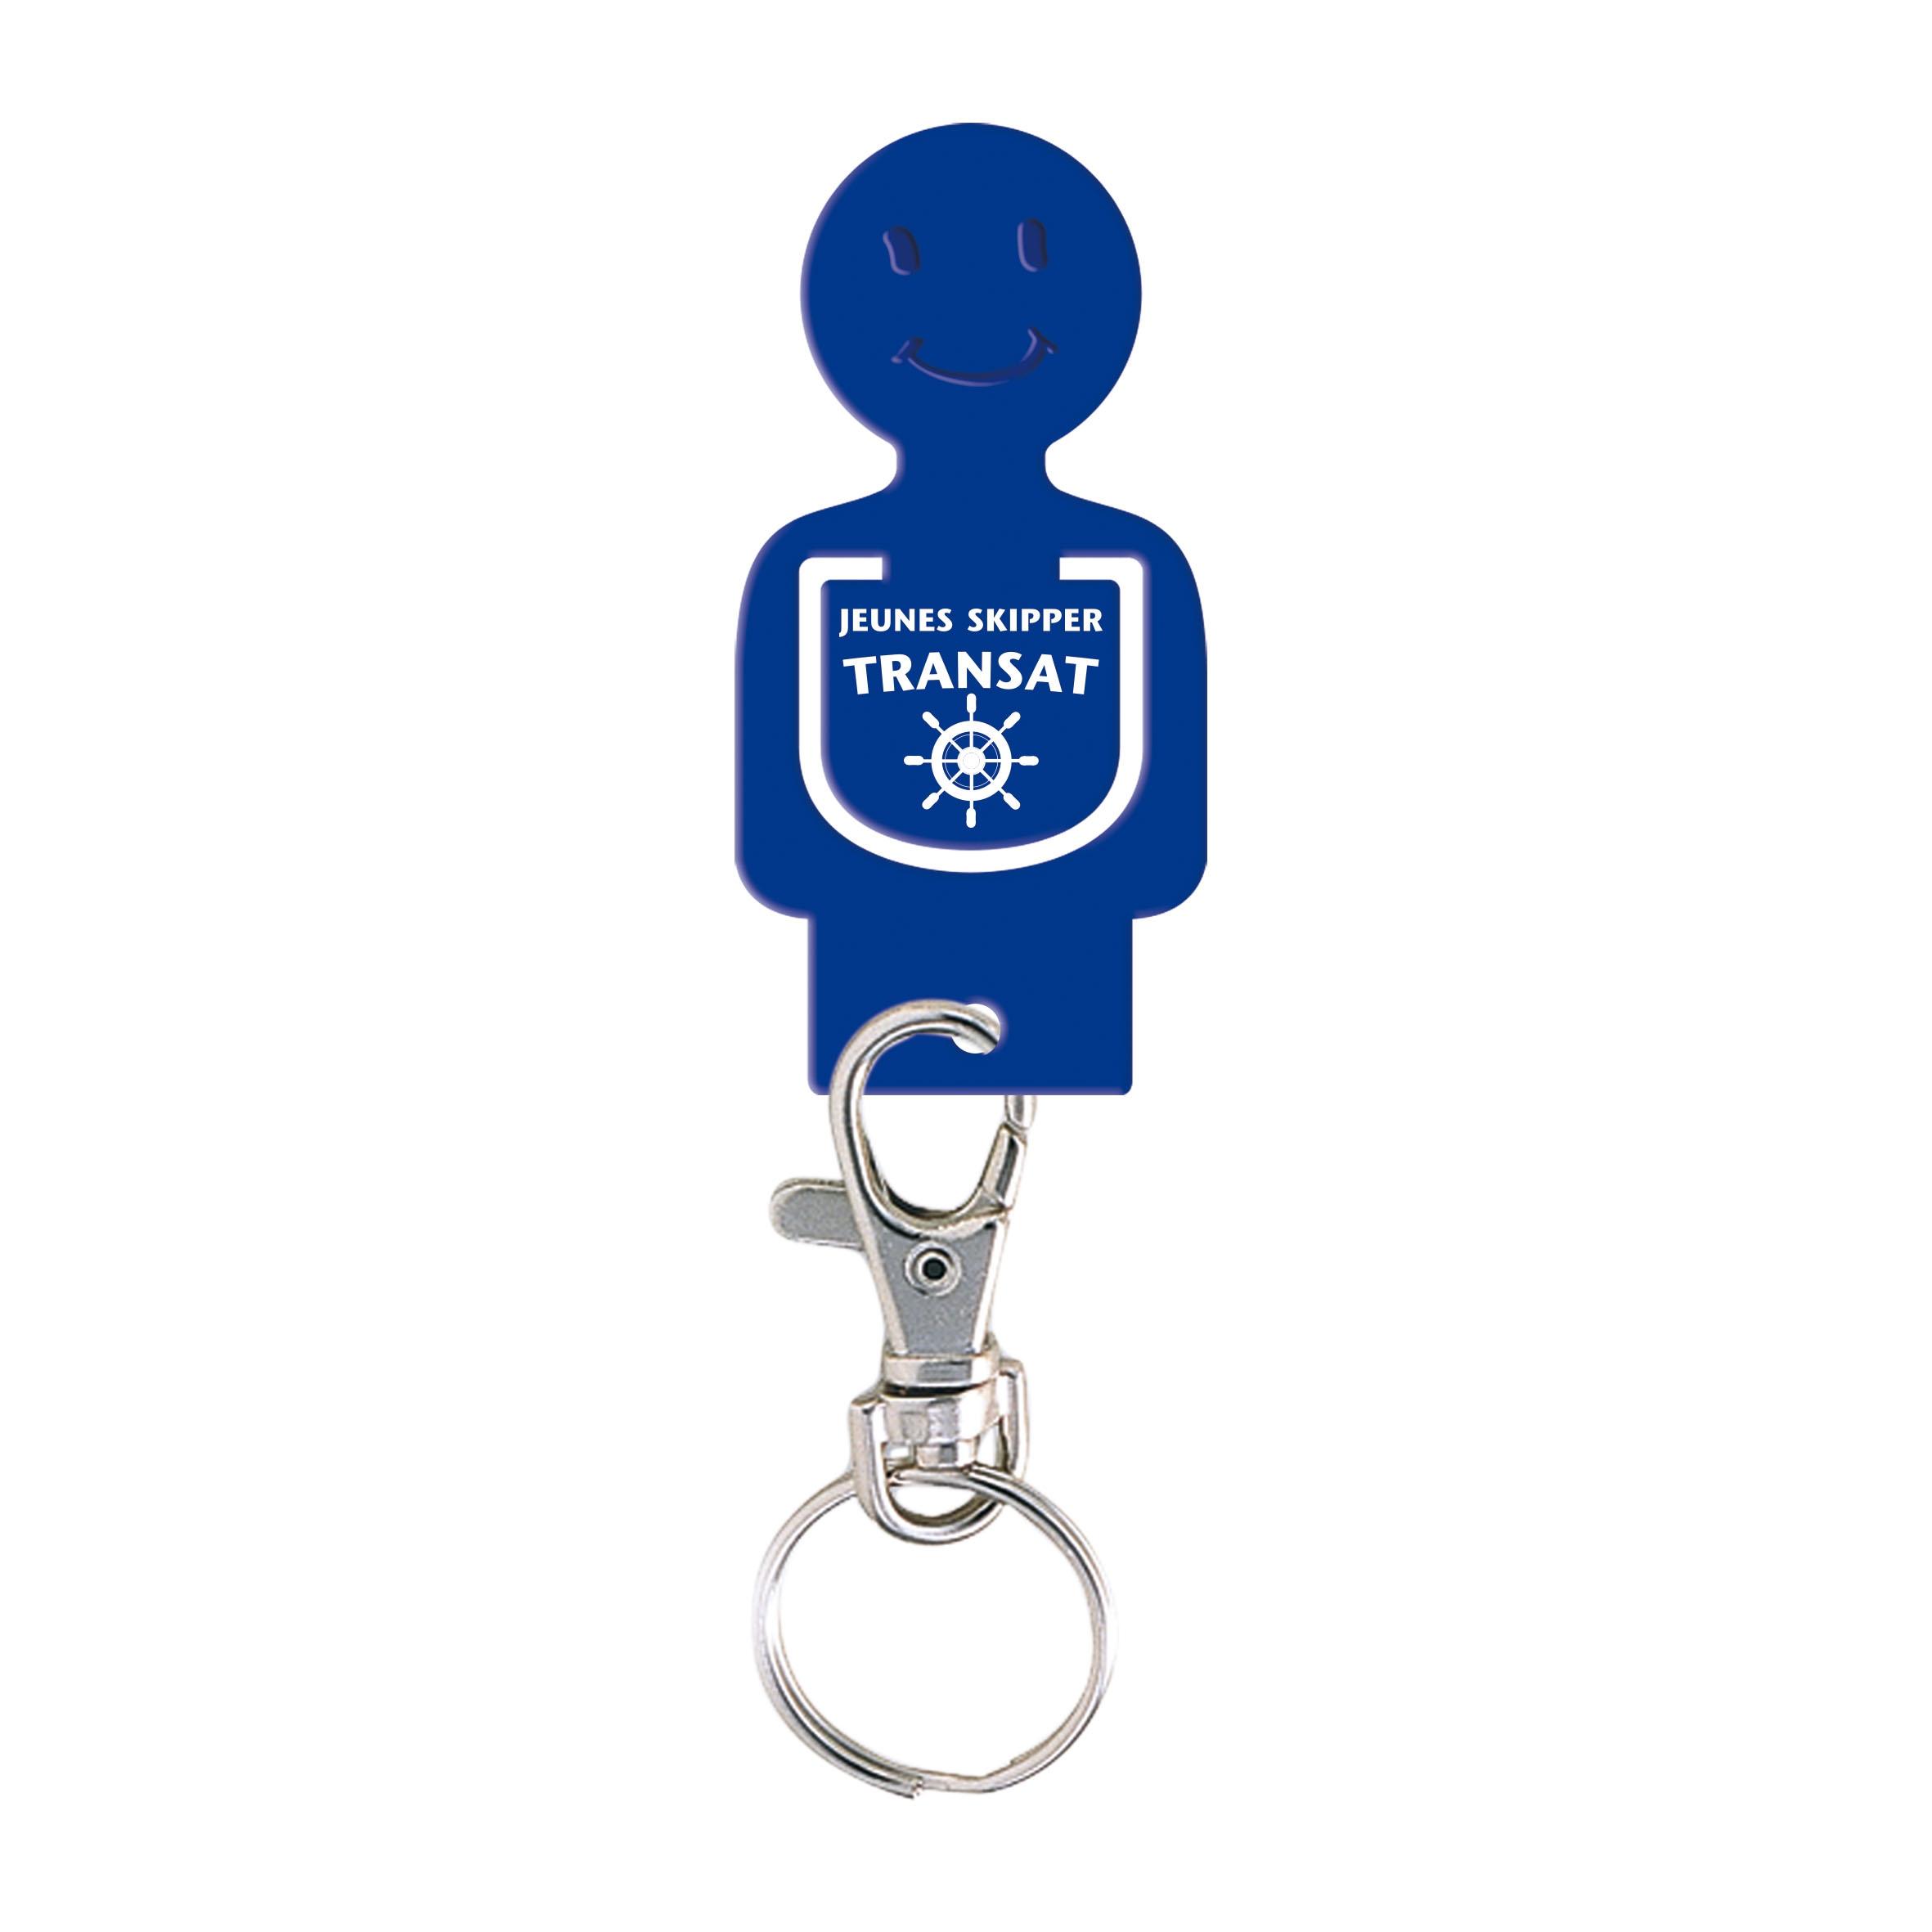 Porte-clés personnalisable jeton caddie Figurine - Goodies salon - bleu